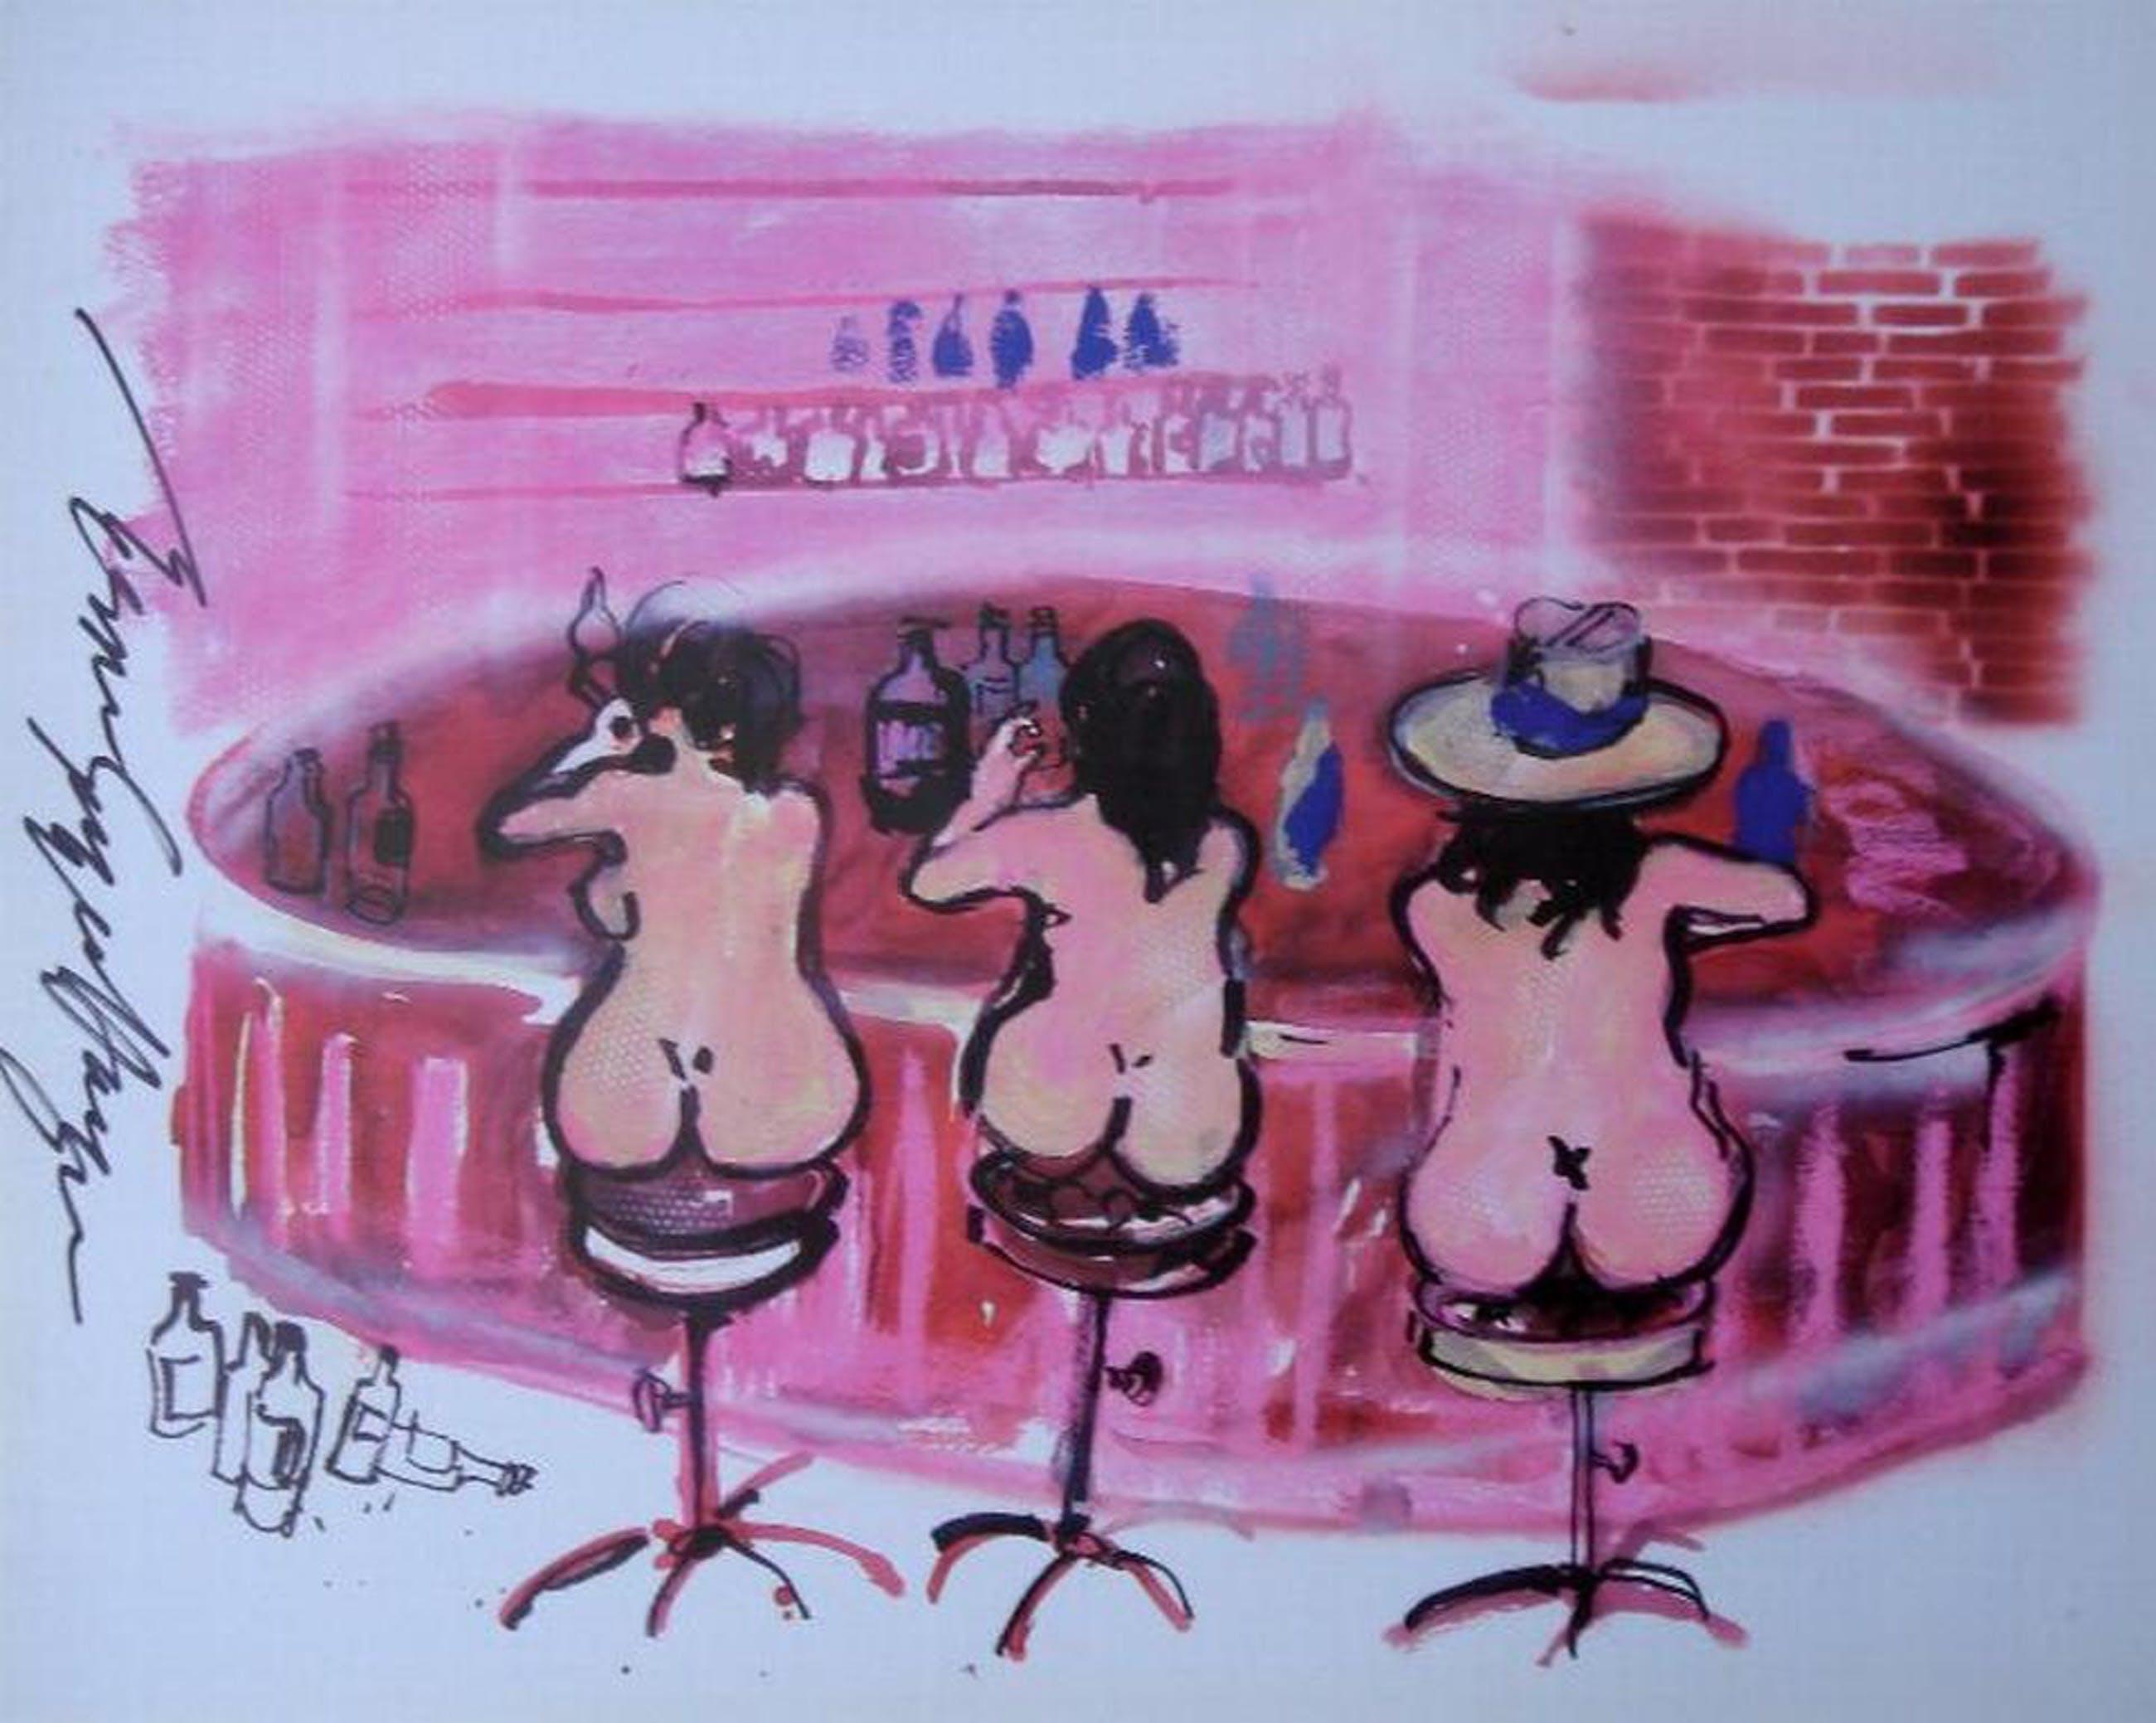 GREGER ESPEN HAGEN, handgesigneerde litho: Bargirls kopen? Bied vanaf 1!